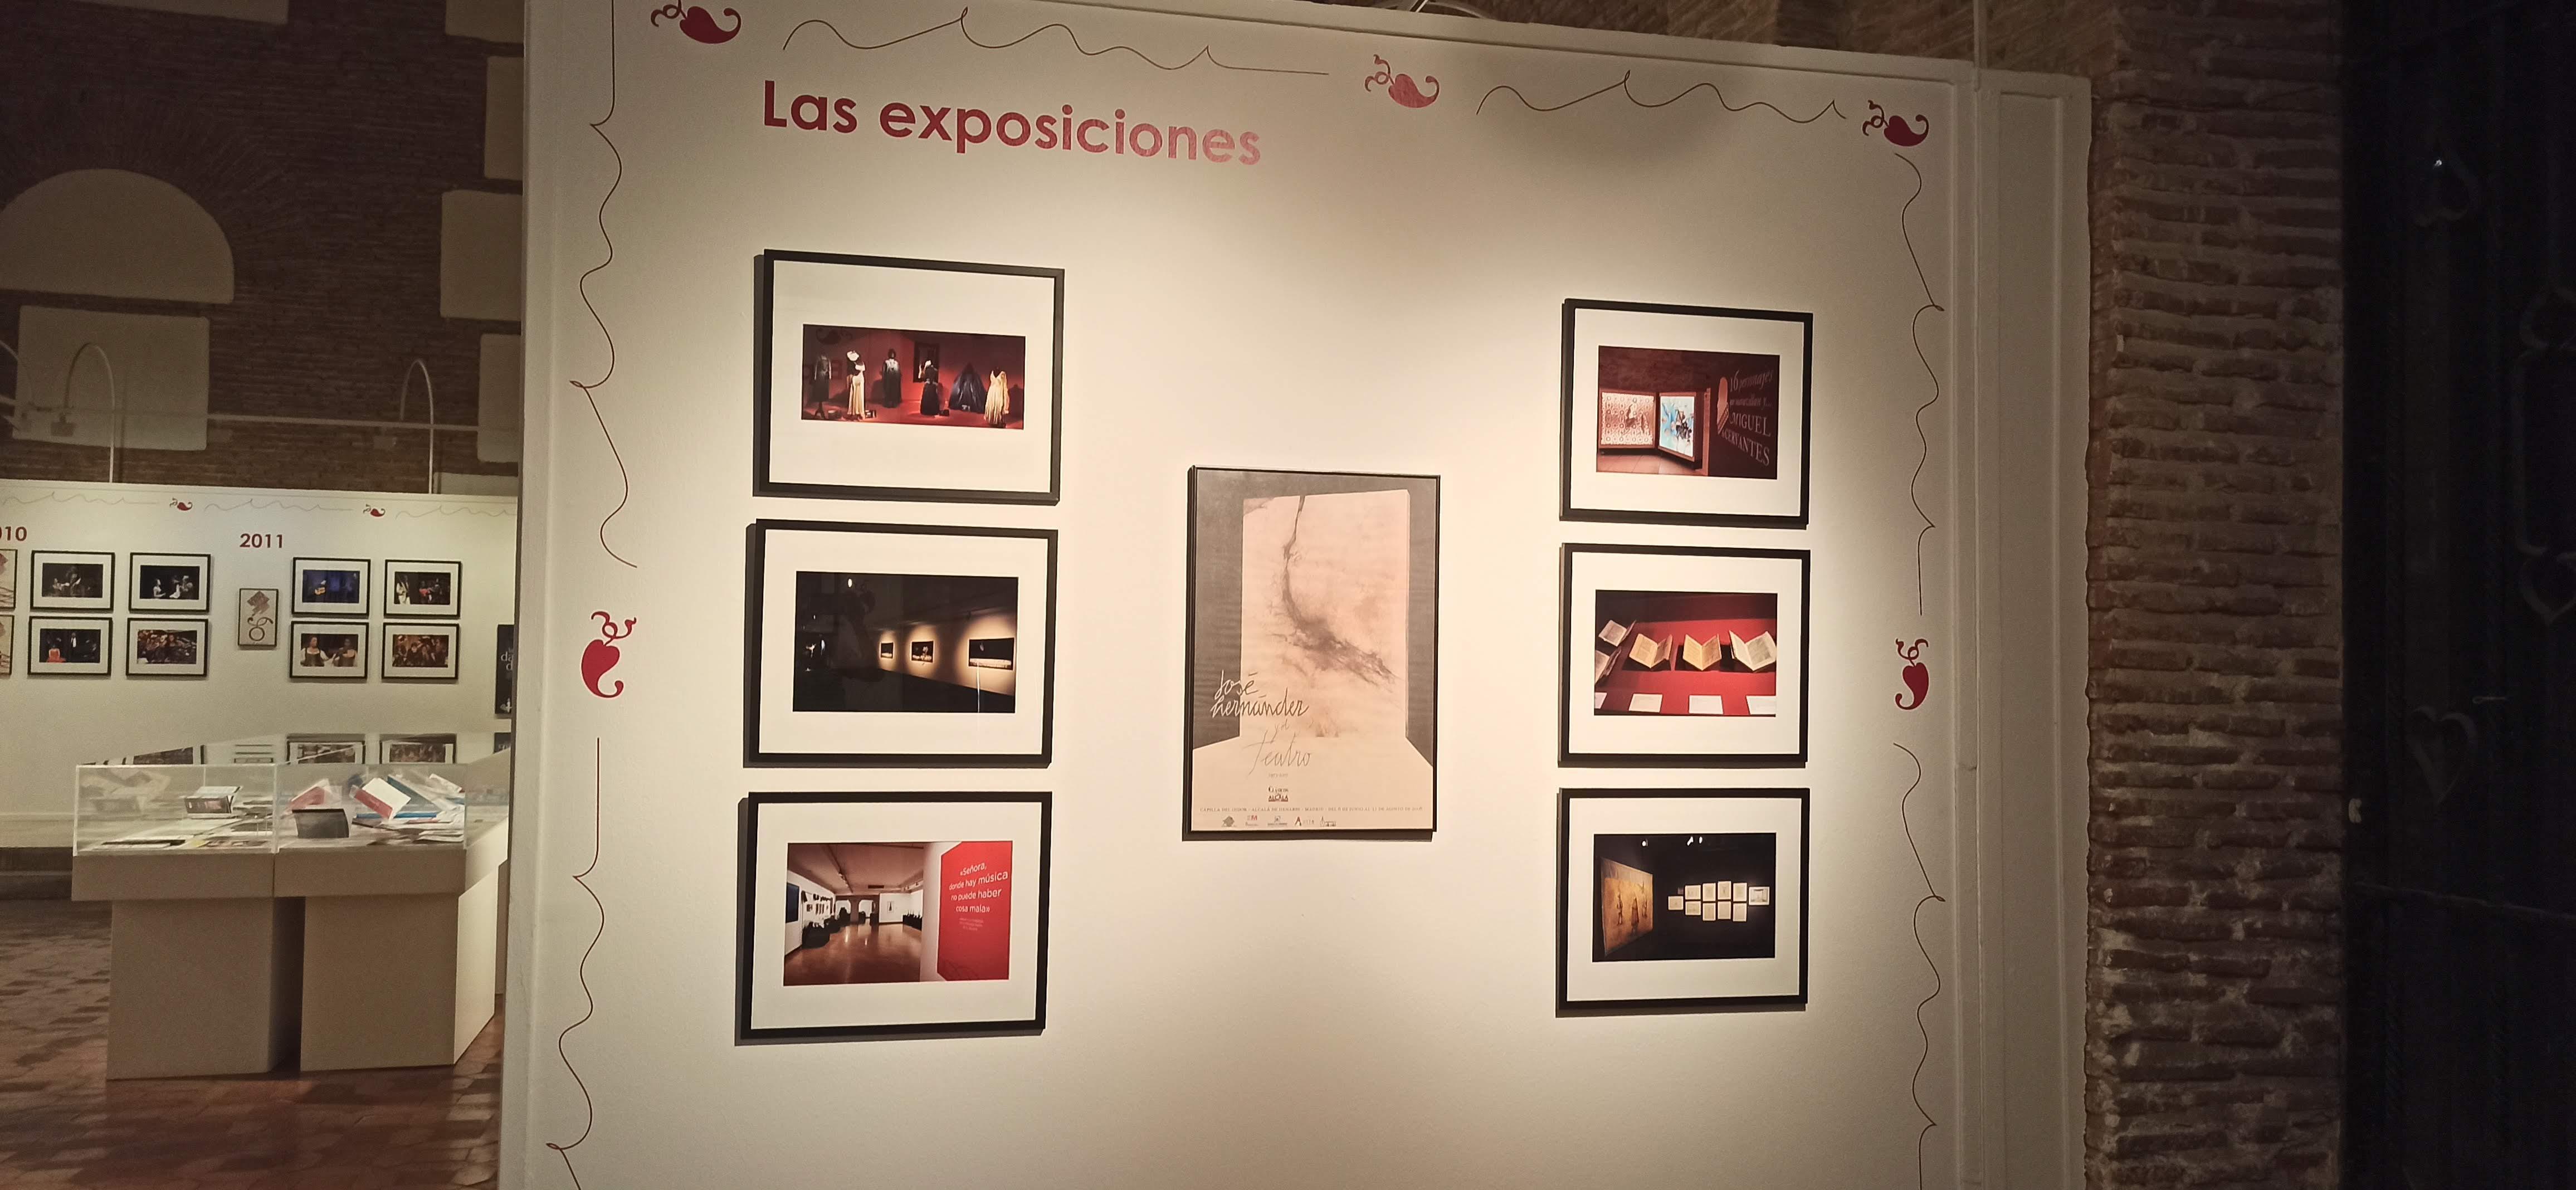 expo-clasicos-2001-2021 (11)